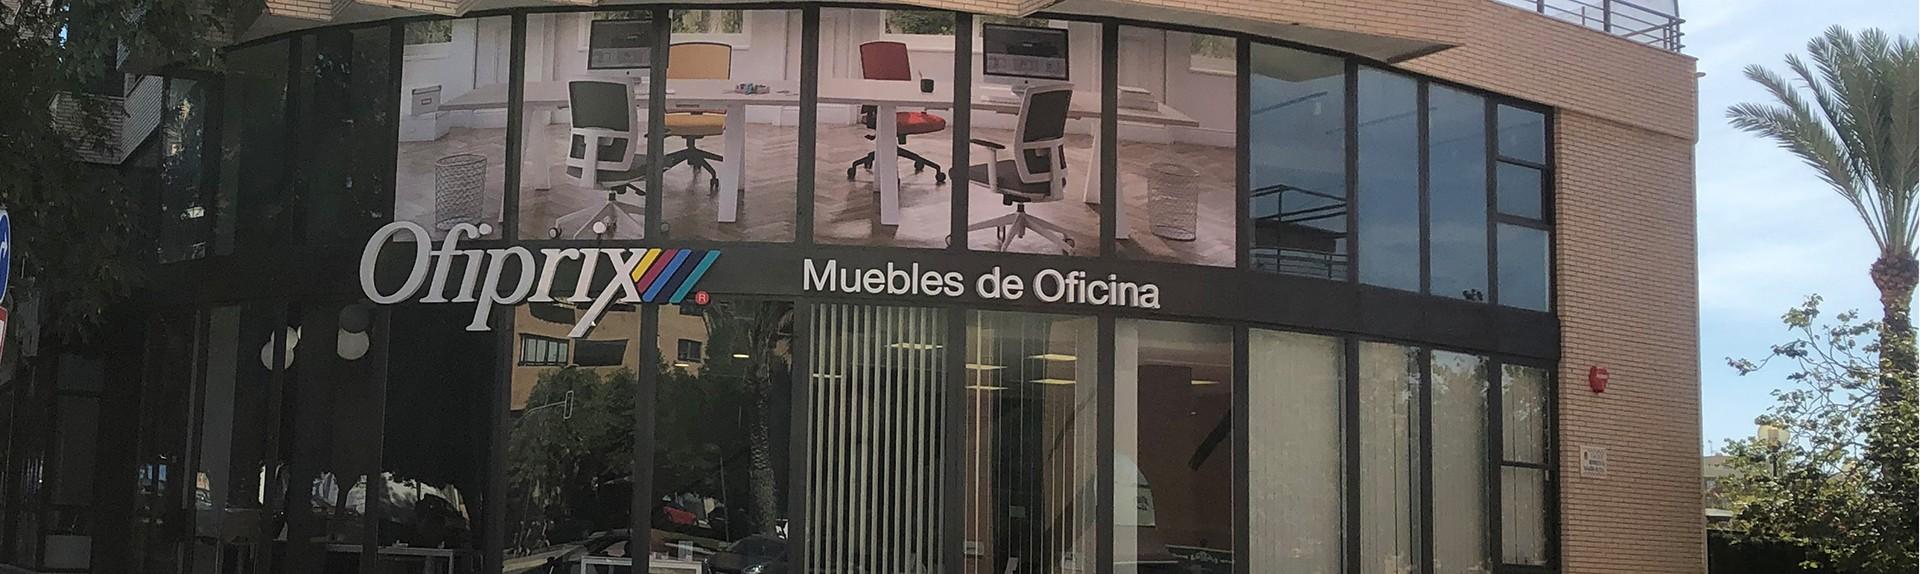 Tienda Ofiprix de Bilbao